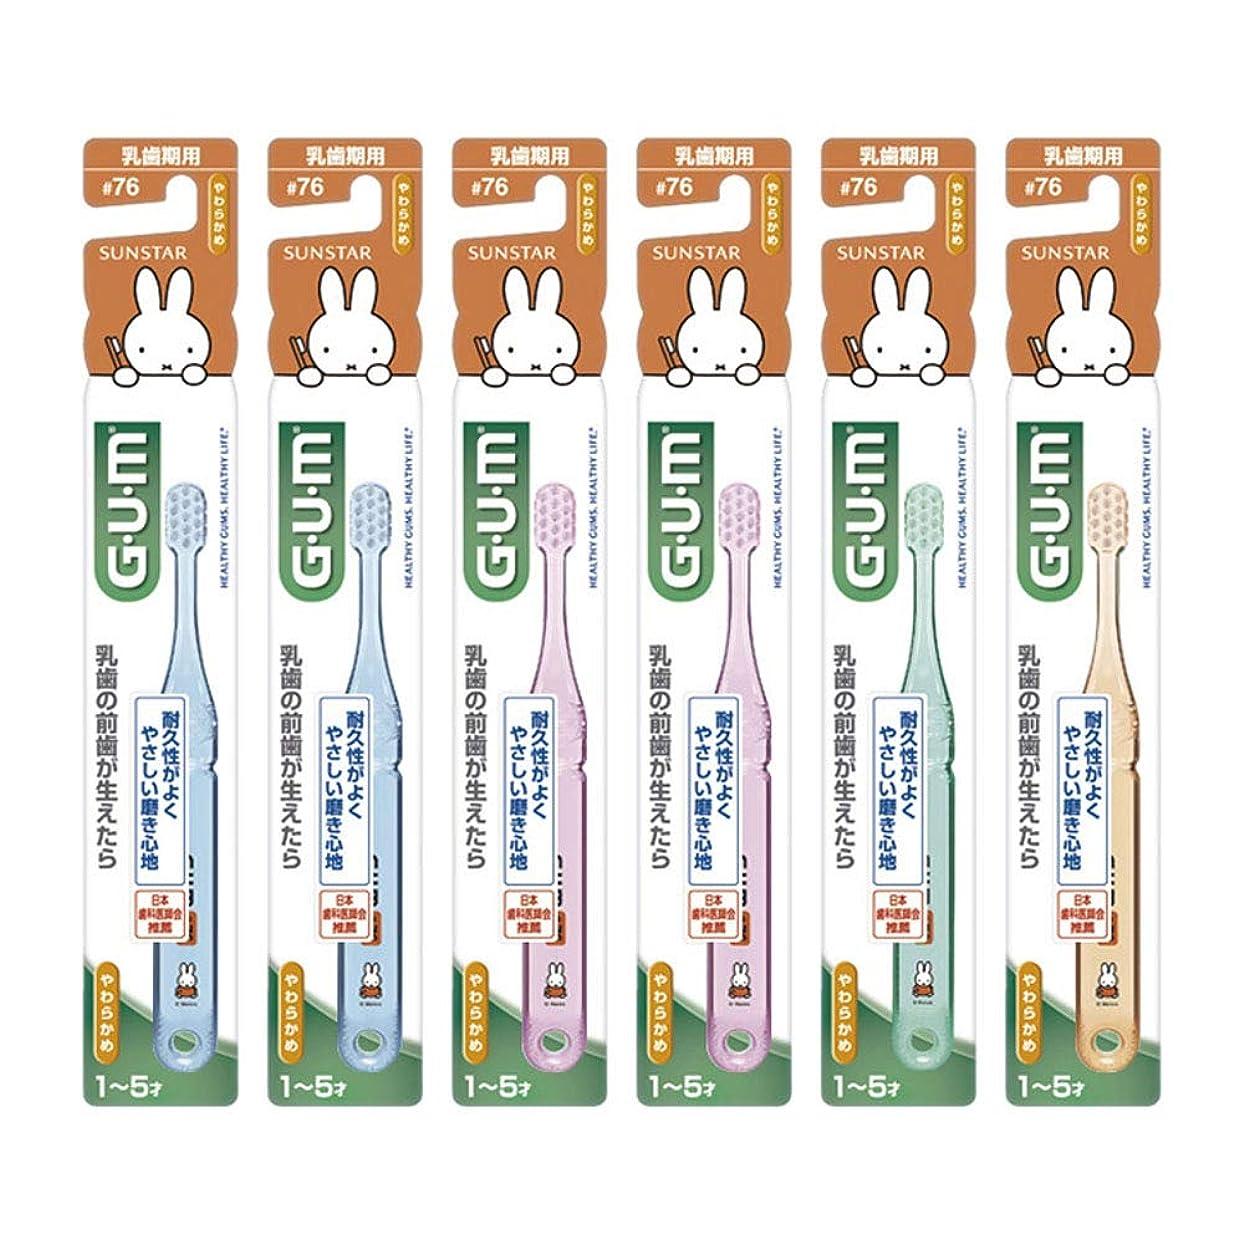 ナビゲーション平野起こりやすいGUM(ガム) デンタル こども 歯ブラシ #76 [乳歯期用/やわらかめ] 6本パック+ おまけつき【Amazon.co.jp限定】